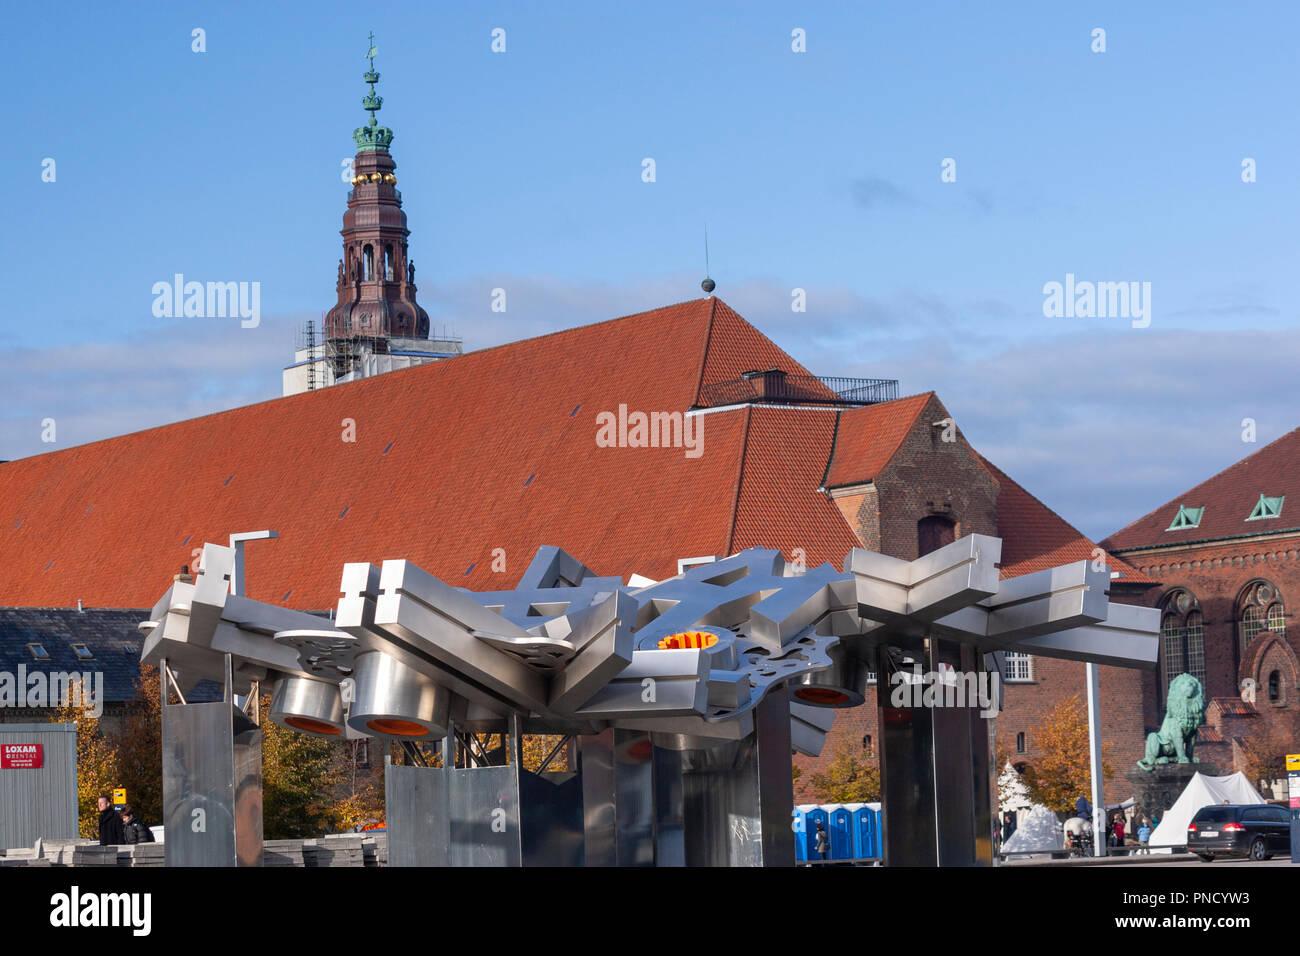 City Fractal sculpture by Elisabeth Toubro, Søren Kierkegaards Plads, København Copenhagen, Denmark - Stock Image